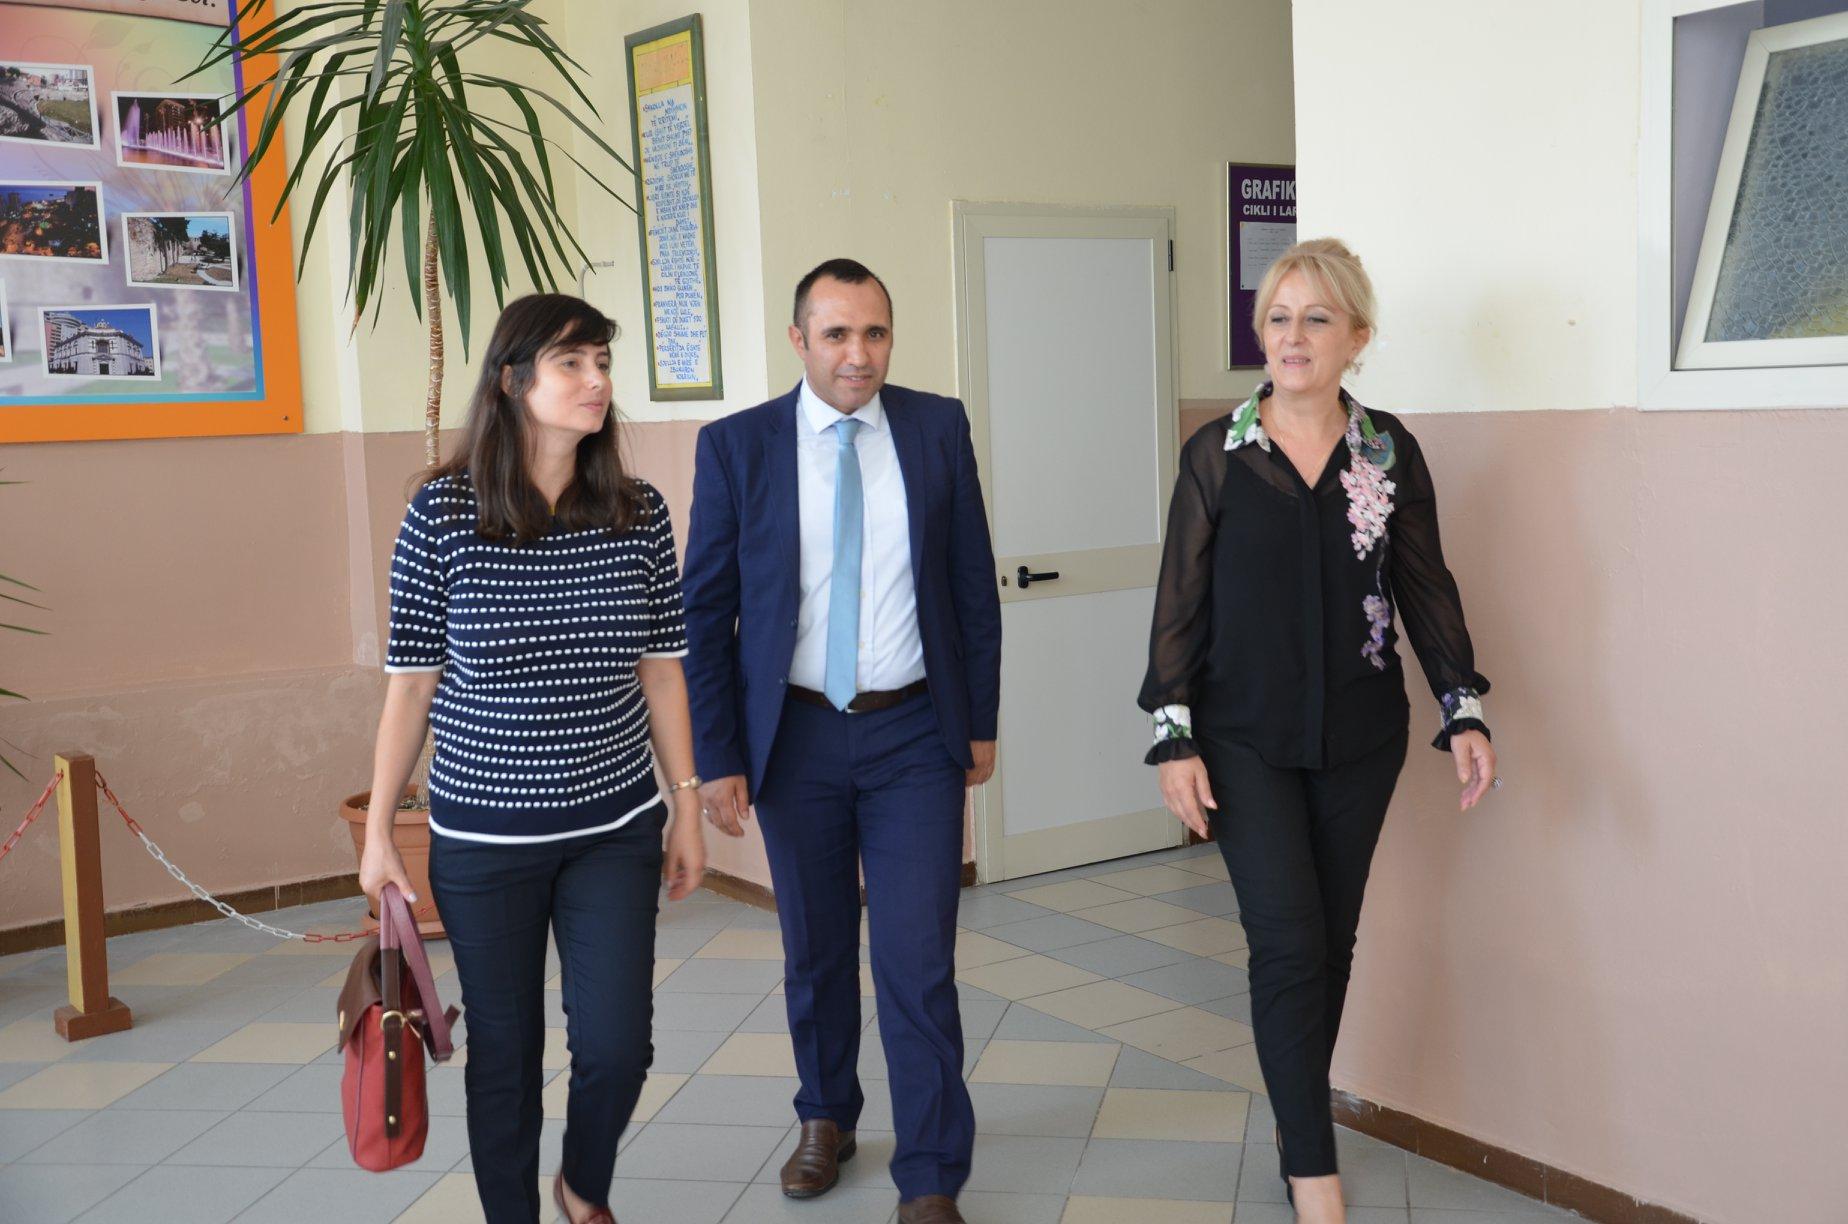 Vizitë në Drejtorinë Rajonale të Arsimit Parauniversitar Durrës